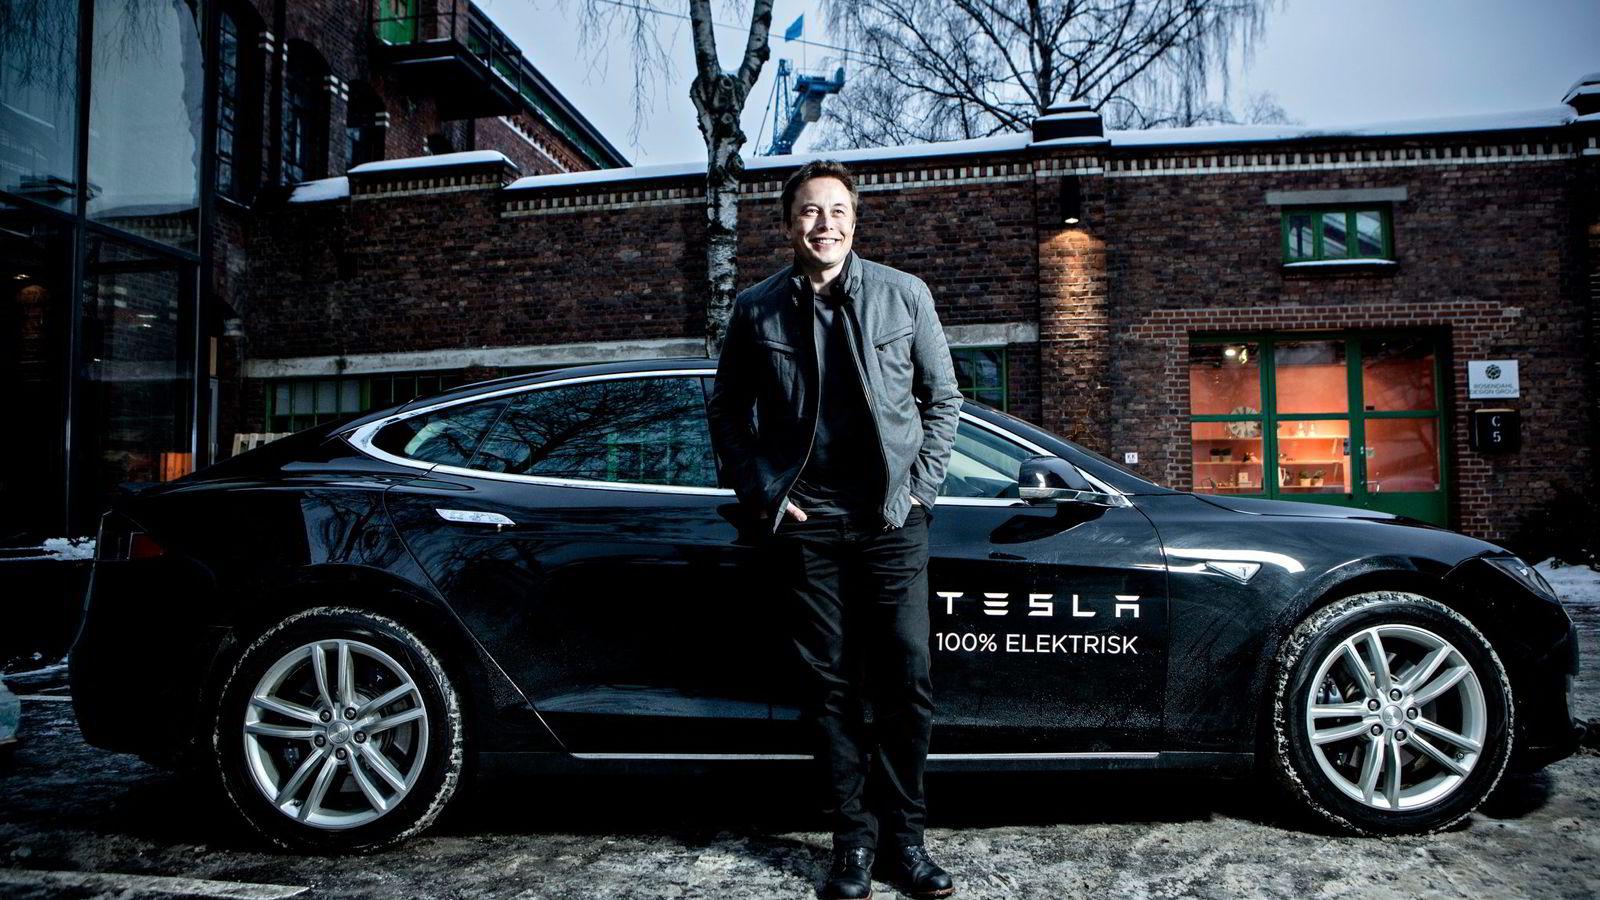 Tesla-sjefen Elon Musk besøkte Norge i februar i år.